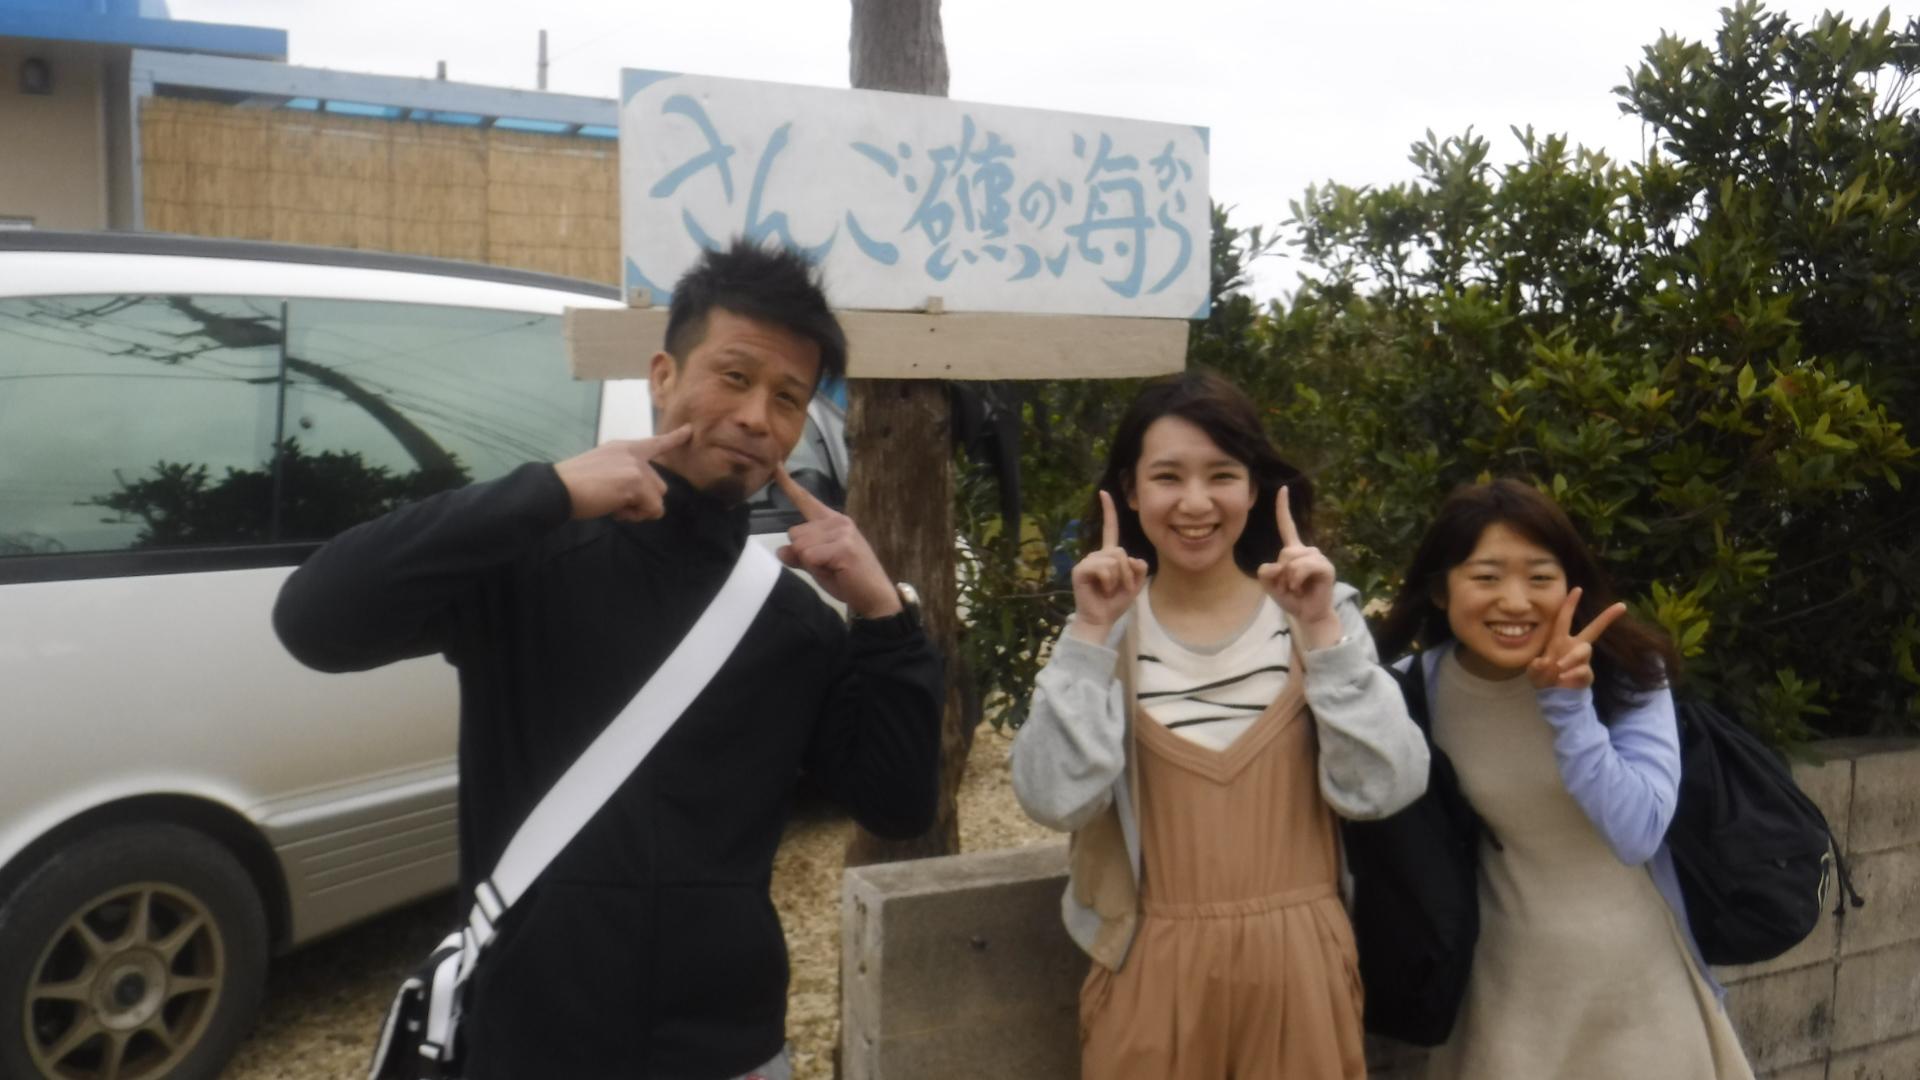 2日目のM尾さんとN渕さん、K野さんです